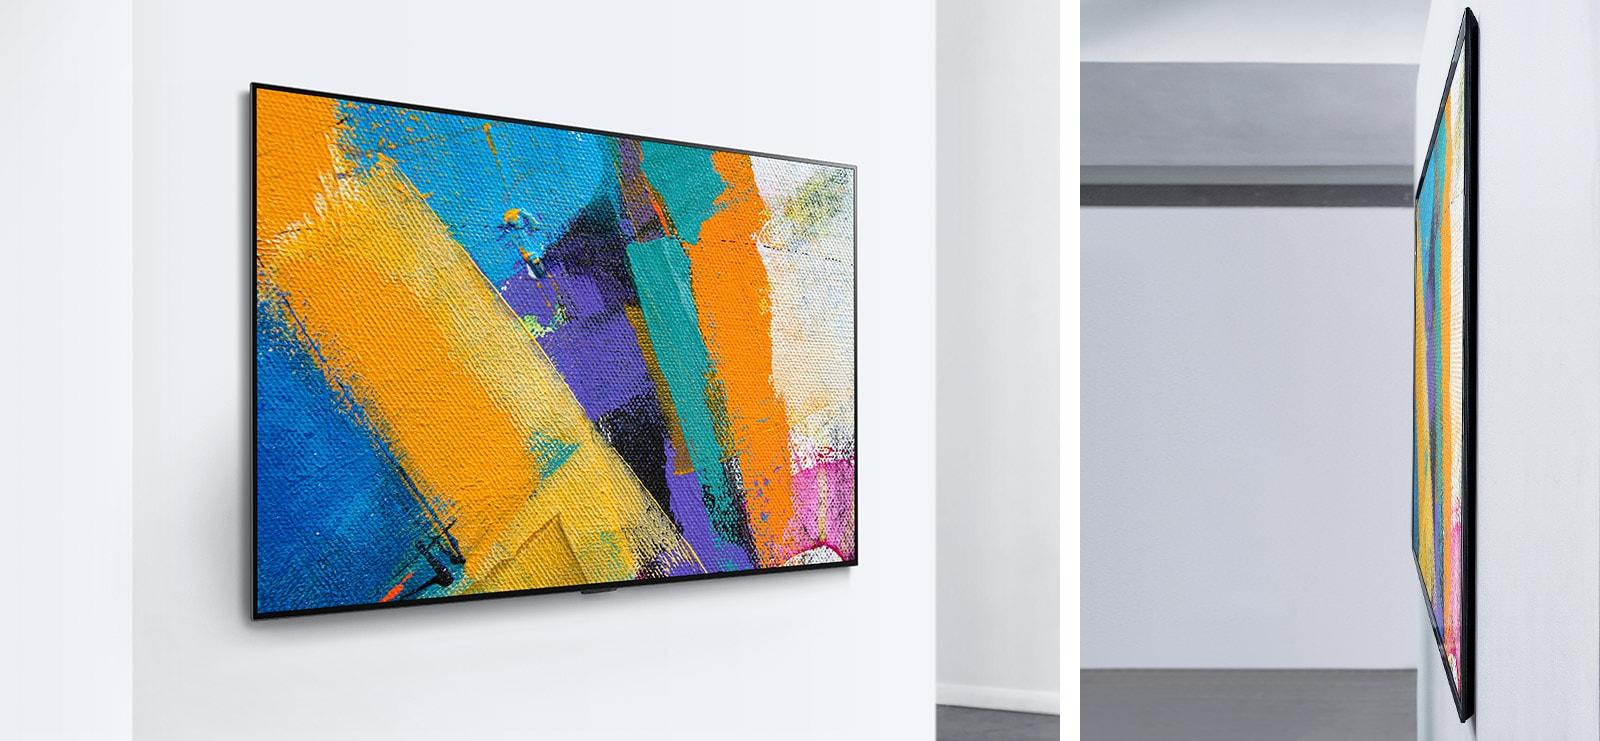 Dwa telewizory LG Gallery Design przedstawiające dzieła sztuki